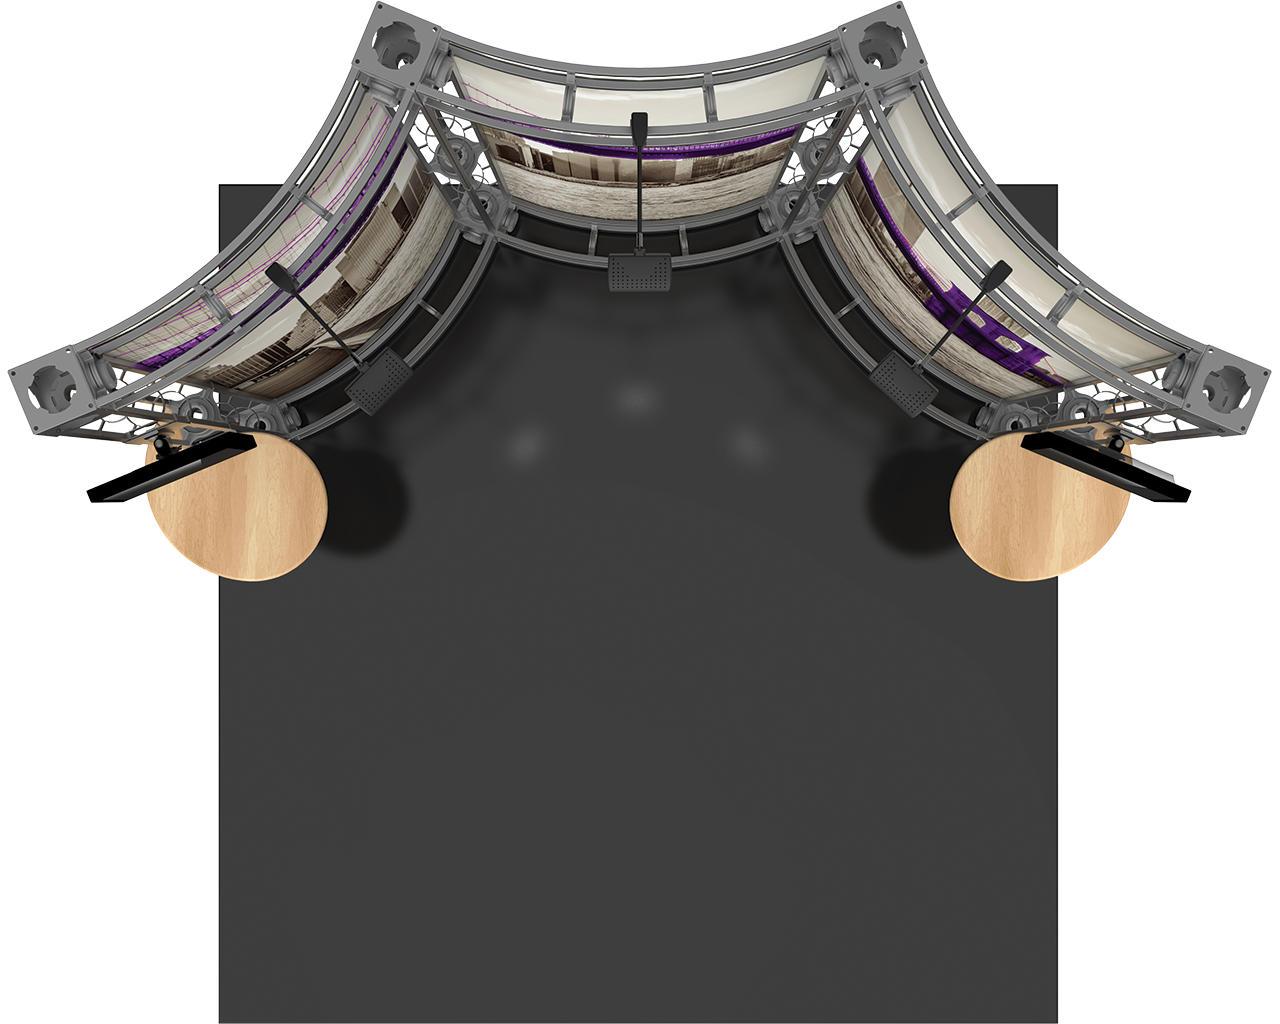 Lynx 10 x 10 Orbital Truss